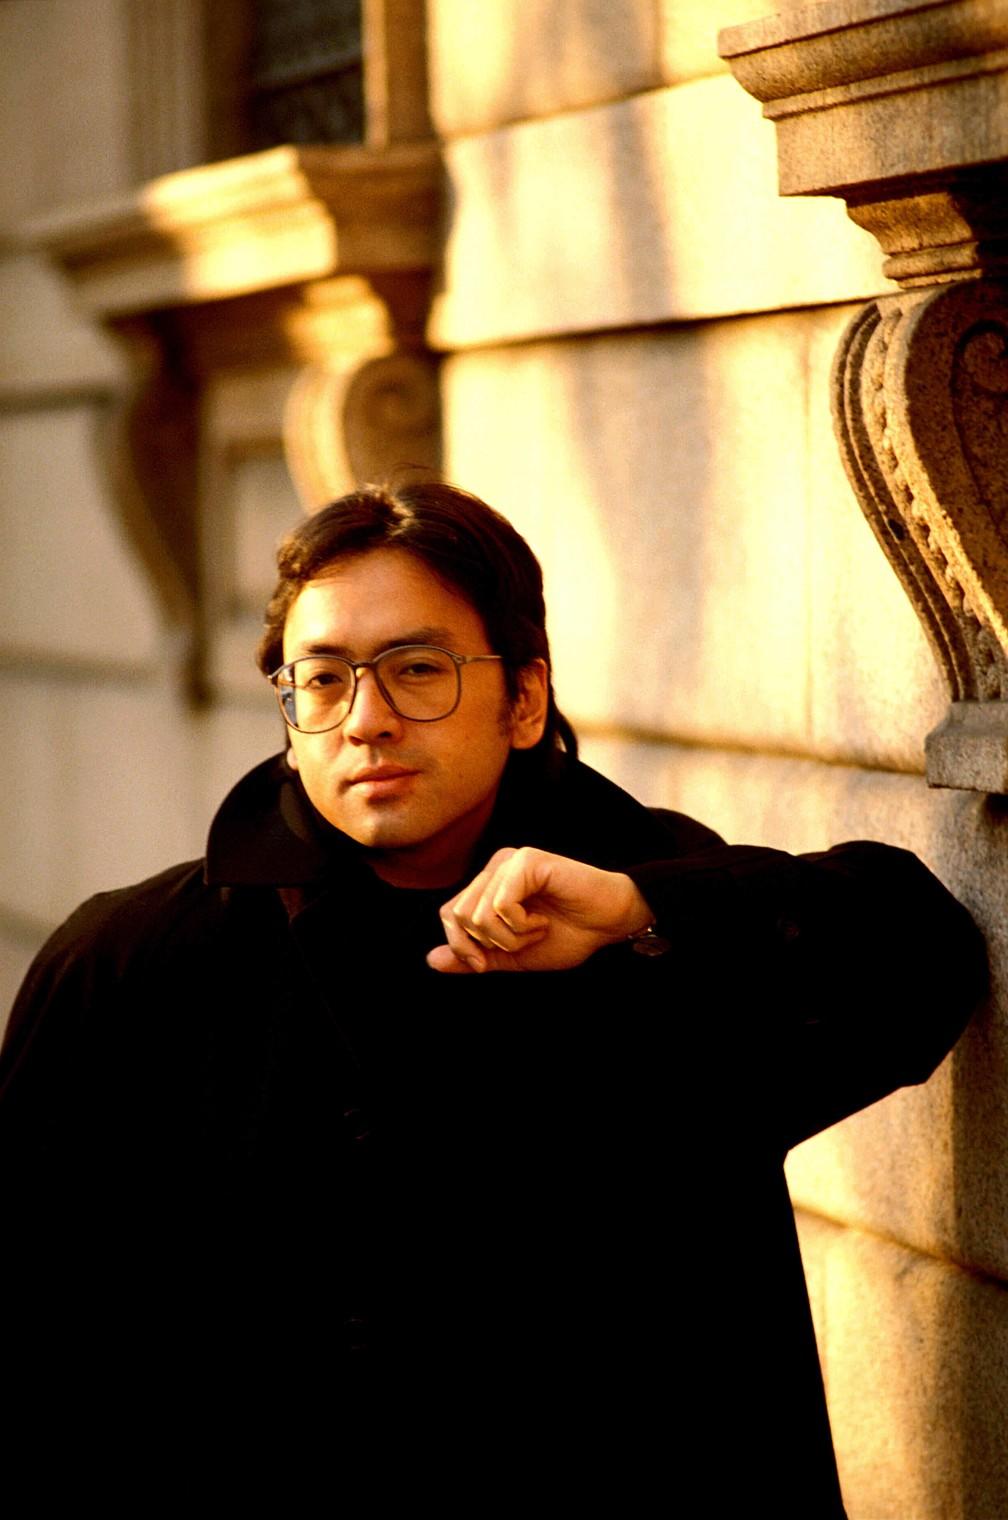 Kazuo Ishiguro em julho de 2012 (Foto: Leemage/AFP)